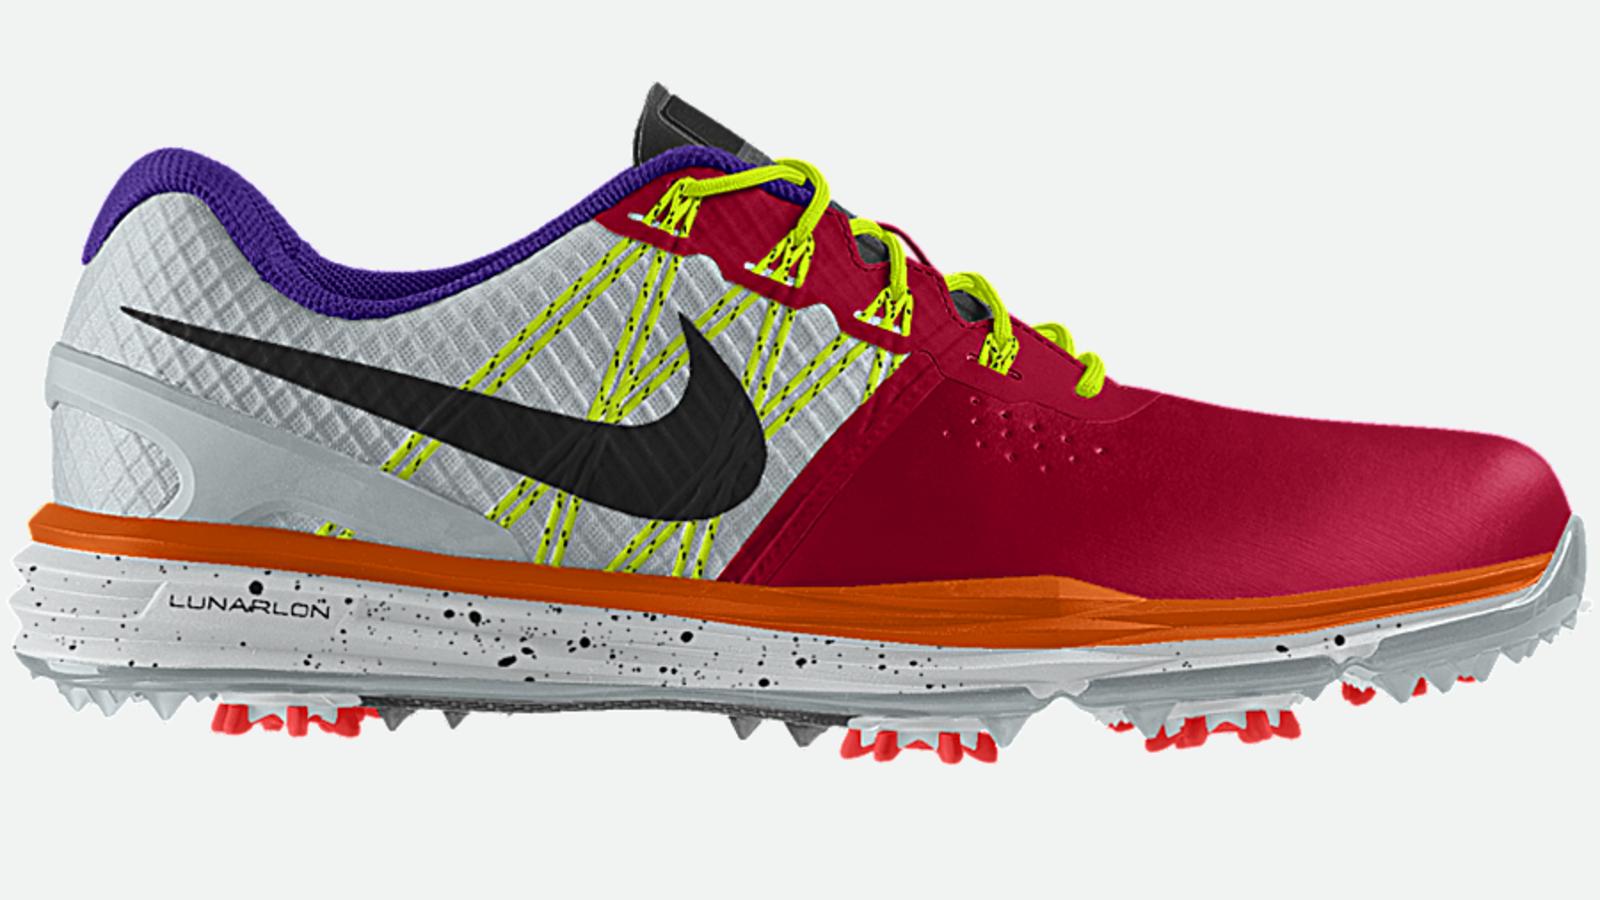 Nike Golf Shoes Ireland